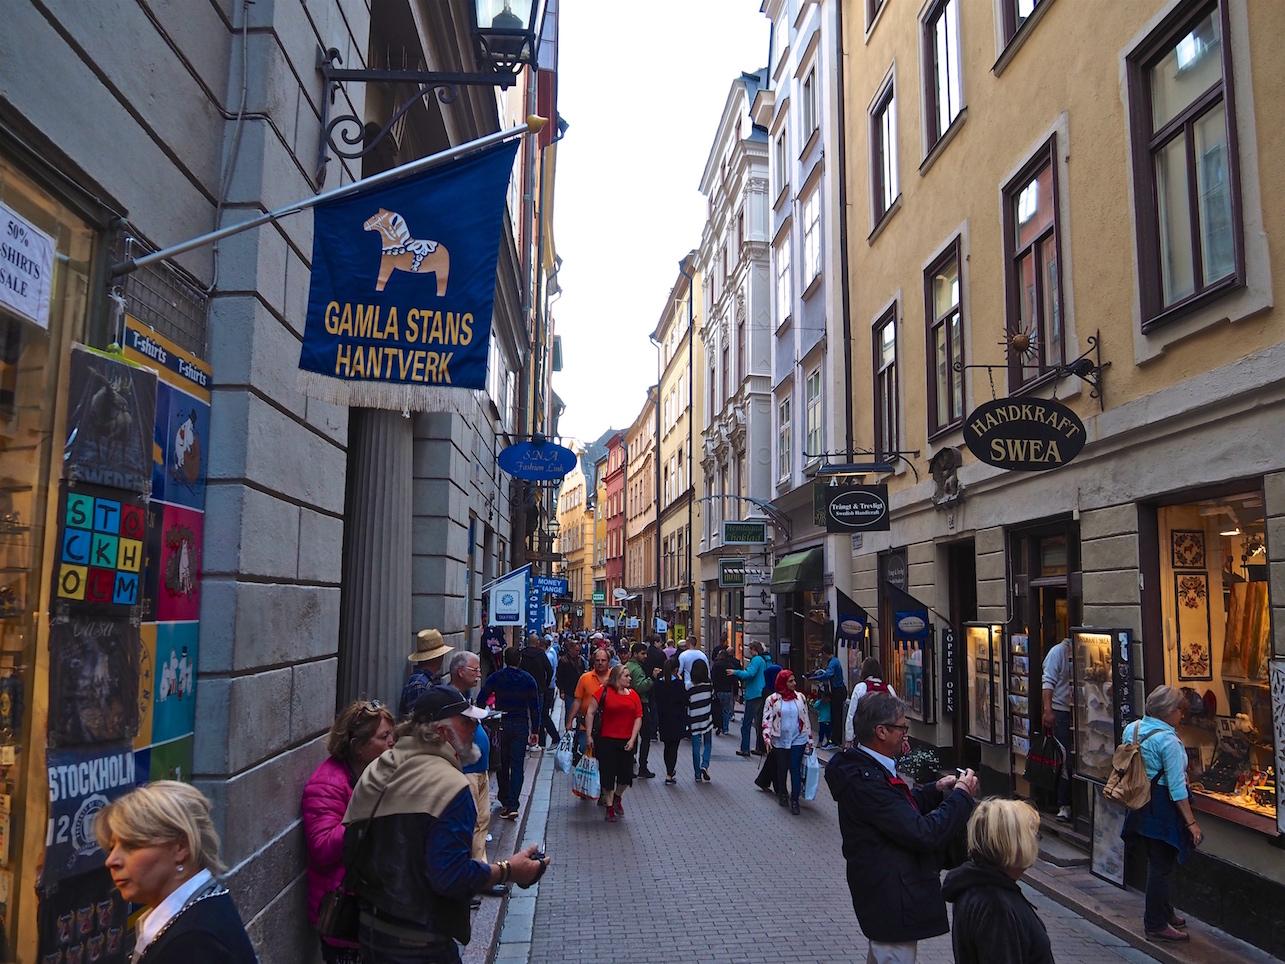 In Stockholms Altstadt Gamla Stan